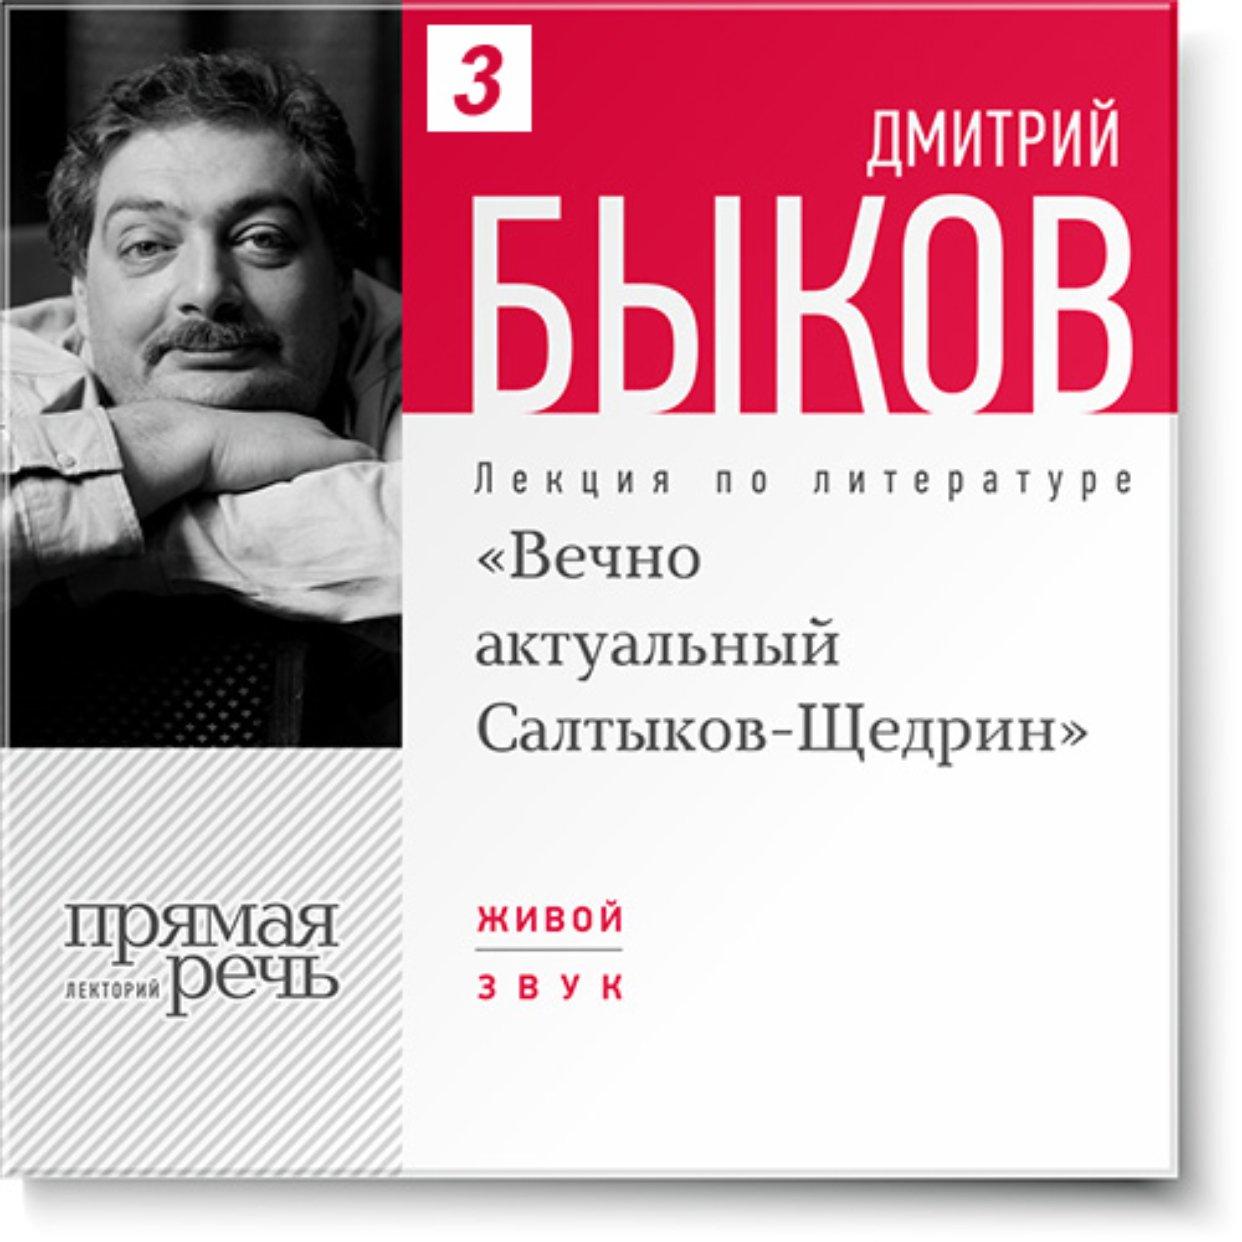 Вечно актуальный Салтыков-Щедрин